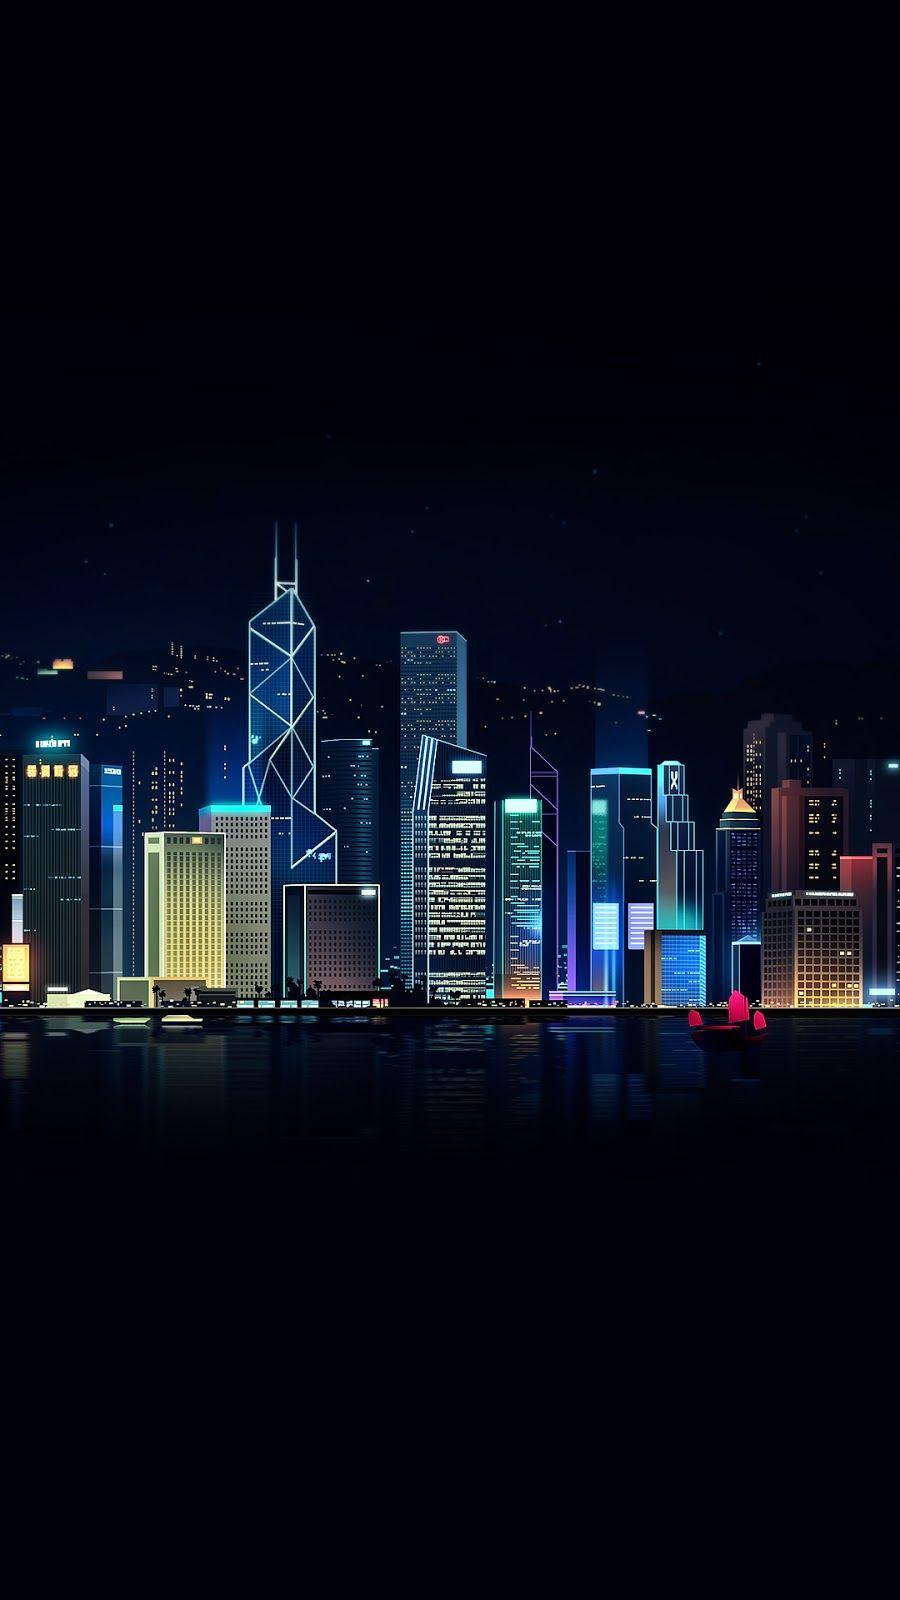 City Light Amoled City Lights Wallpaper City Wallpaper